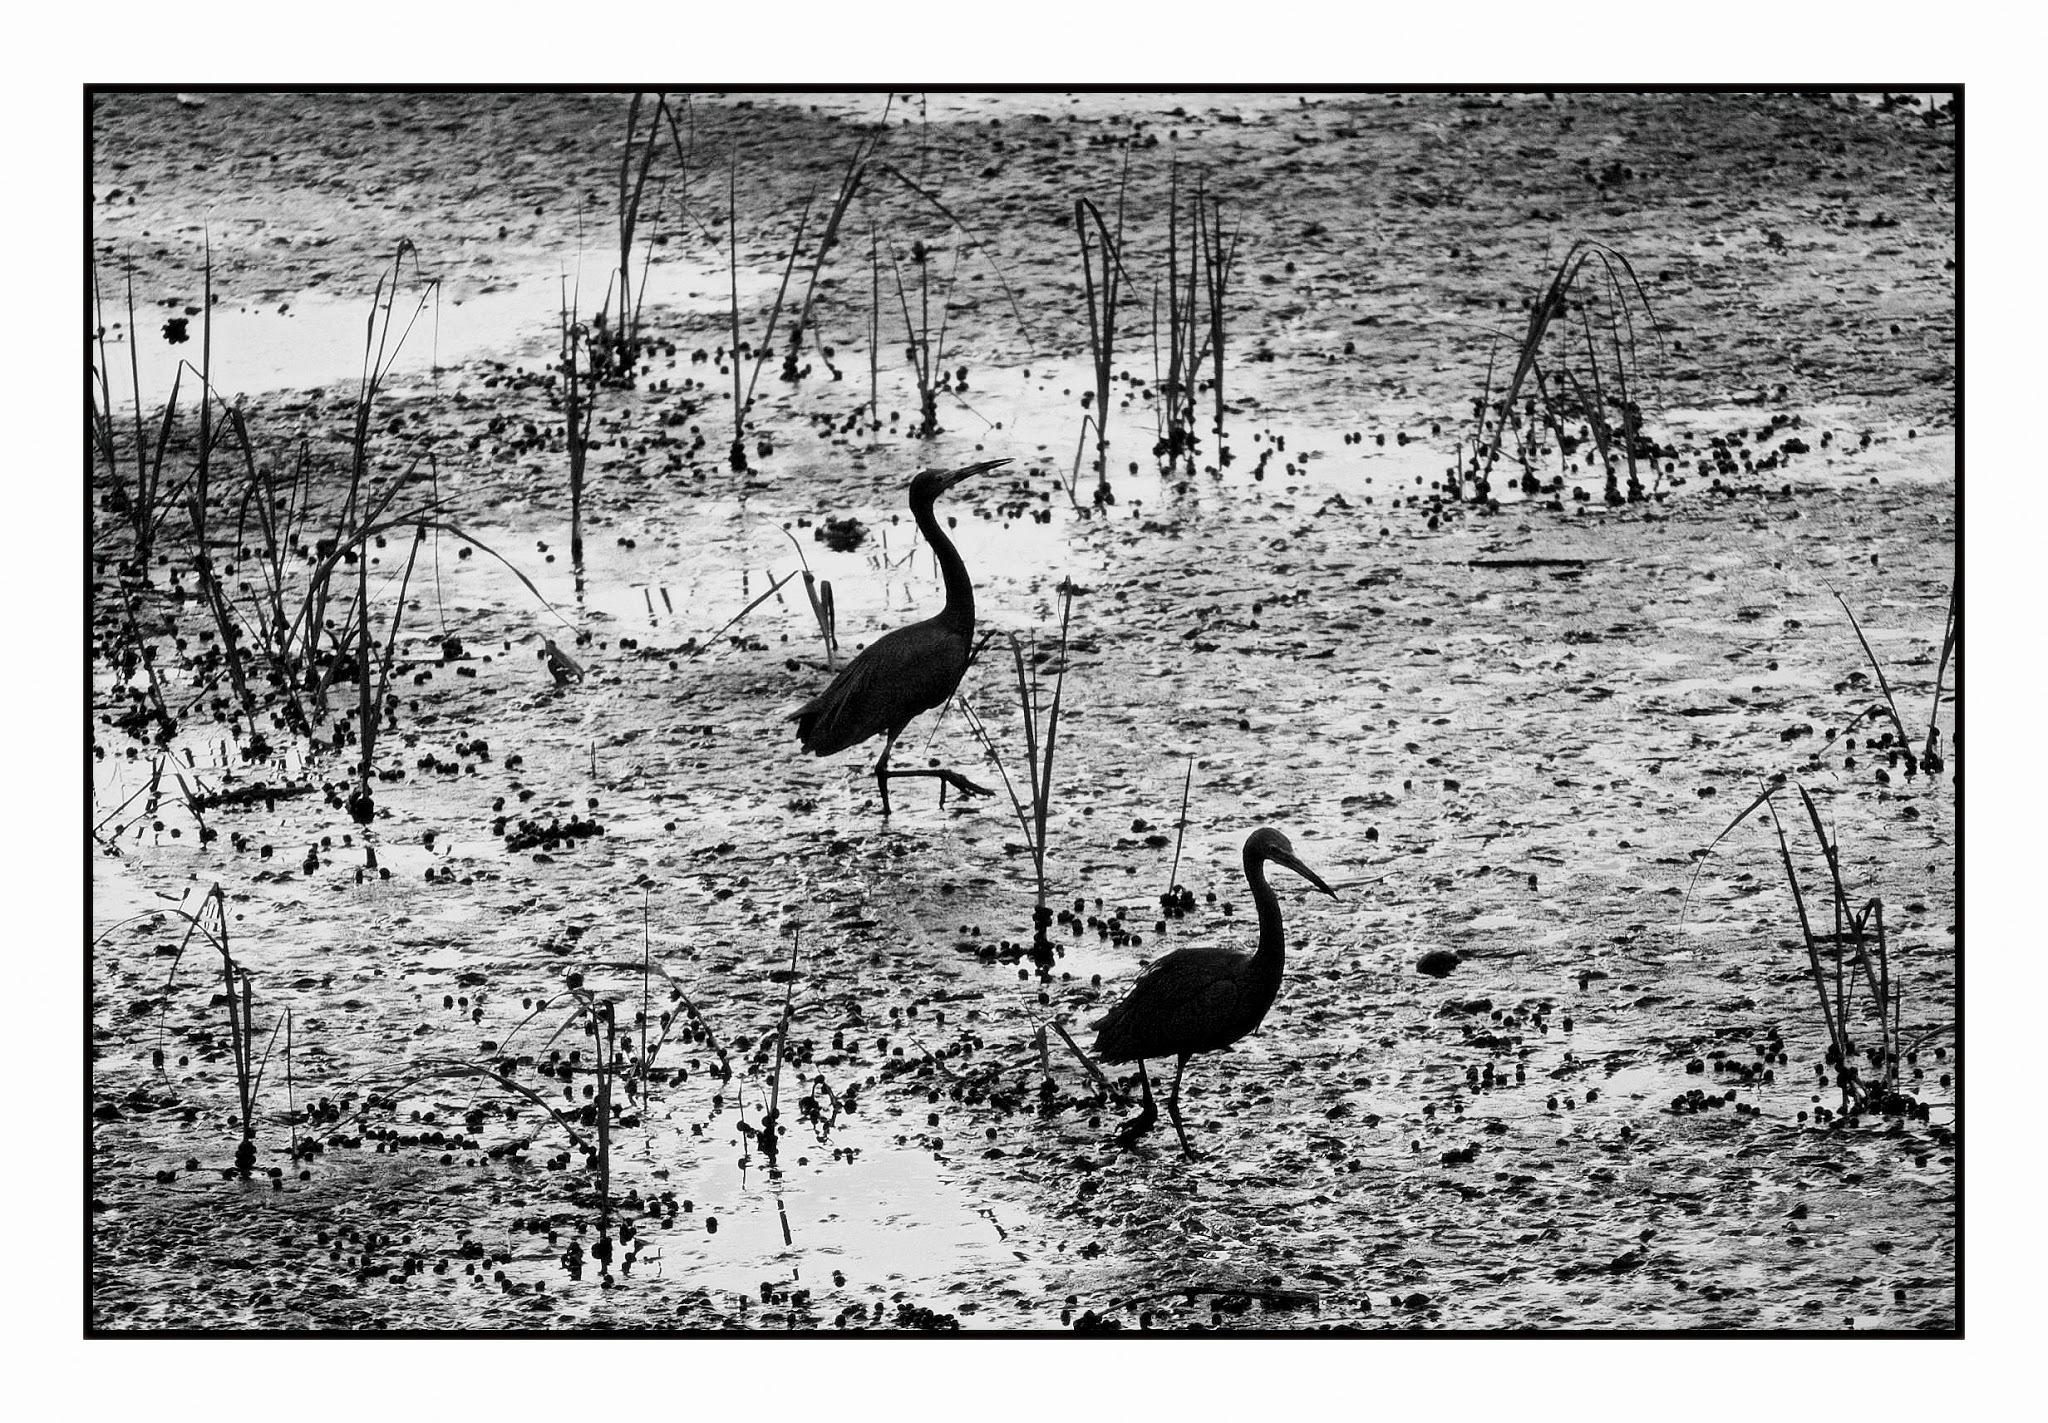 Aves do mangue by José Evaldo Suassuna de Oliveira